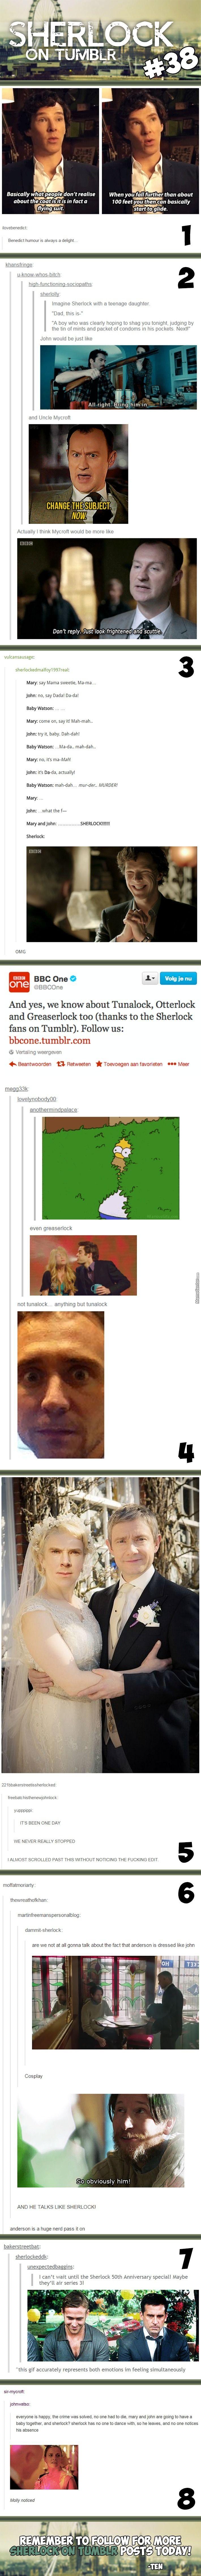 Sherlock On Tumblr #38